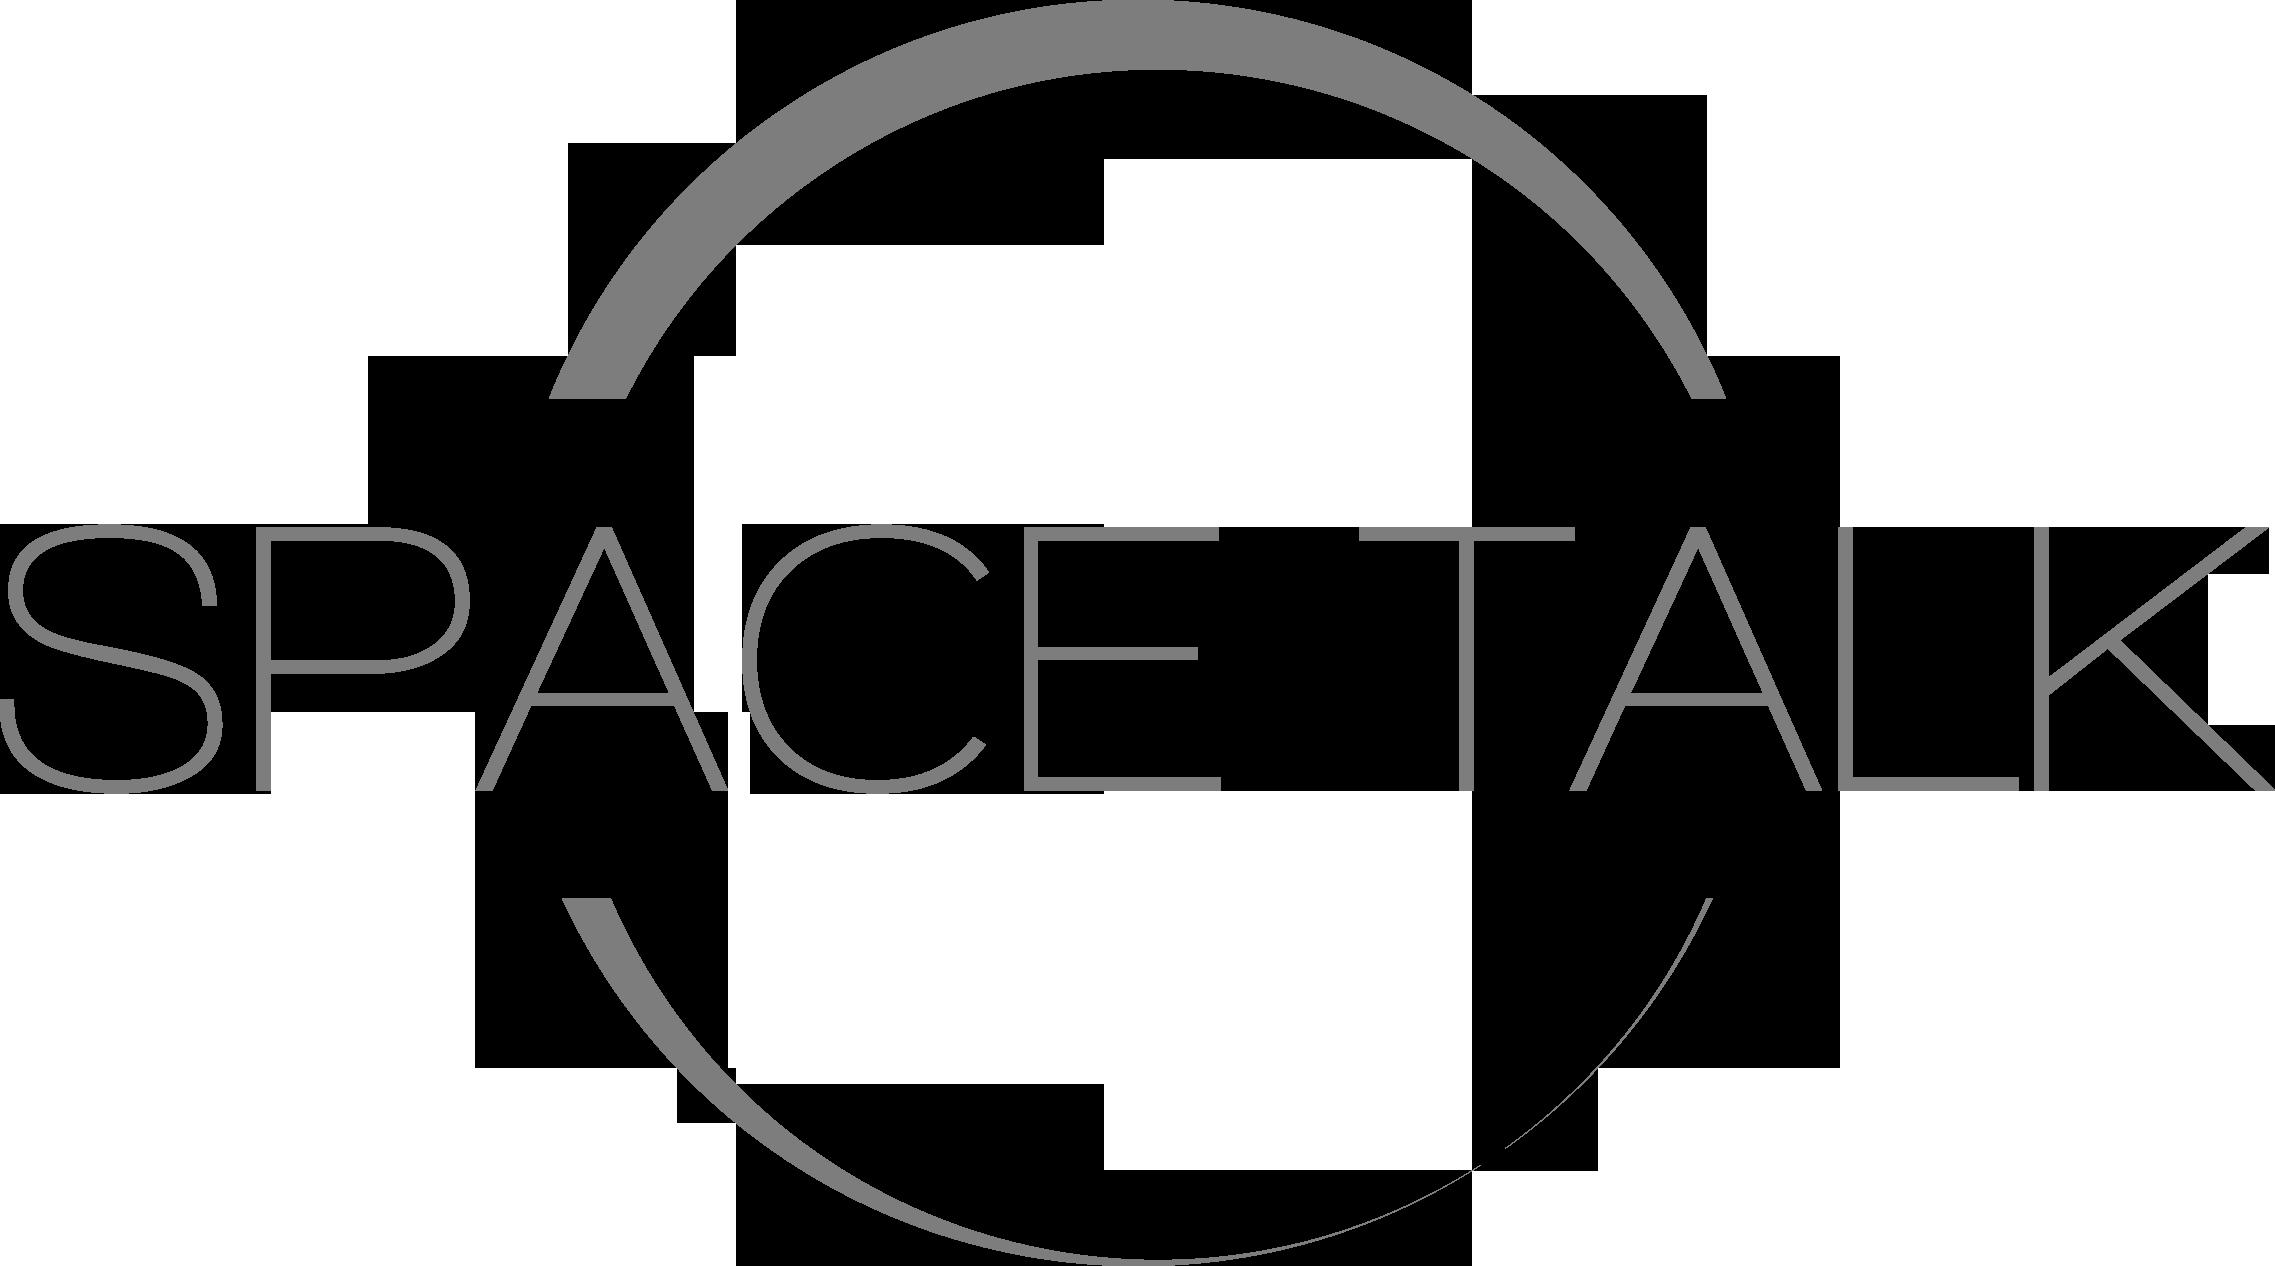 spacetalk logo